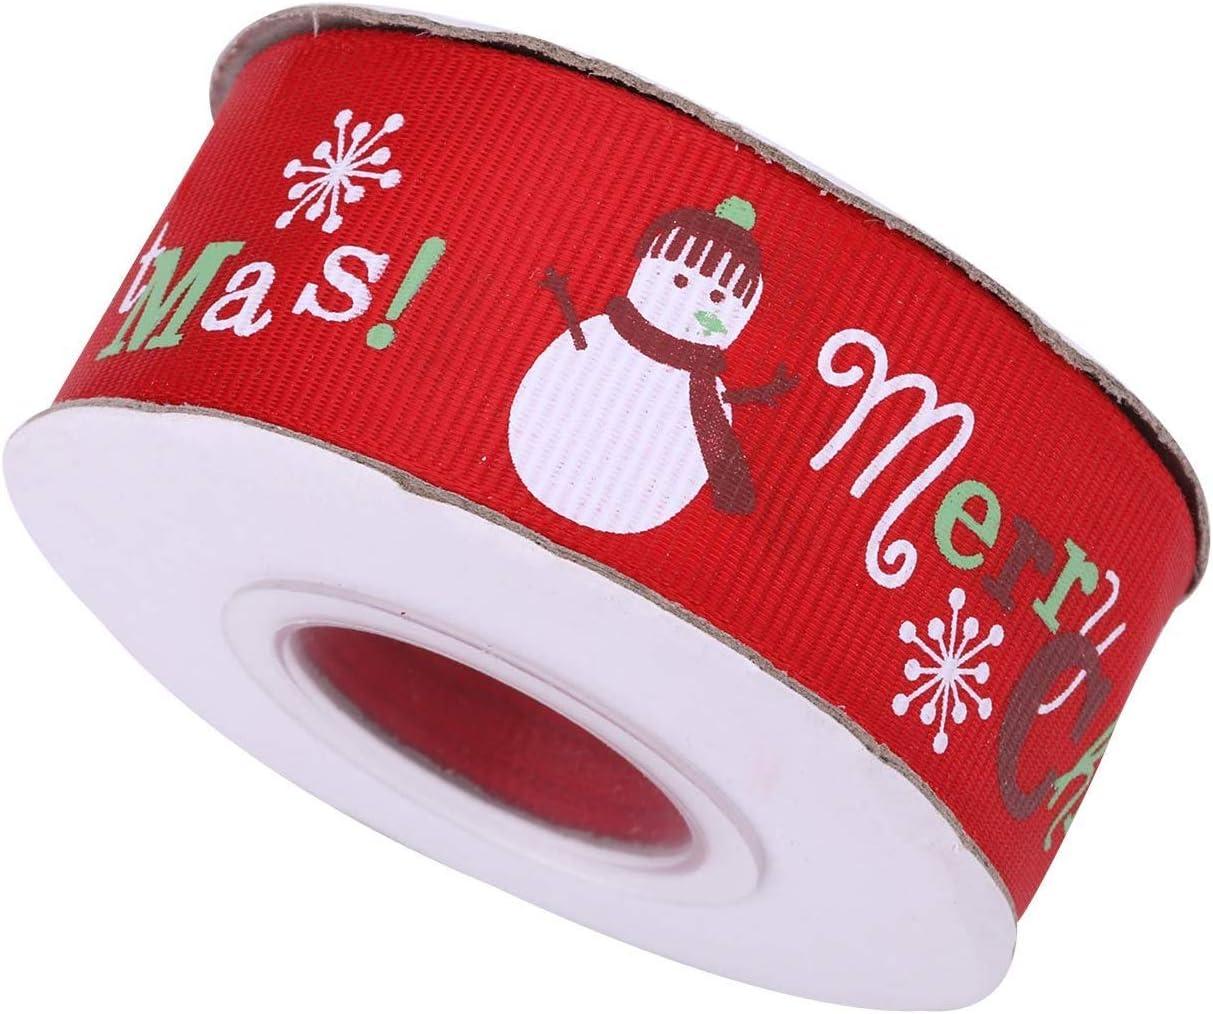 D/écoration Festive Trimming Shop No/ël Ruban Gros Grain No/ël Vacances Imprim/é Snowglake P/ère No/ël Rubans pour Emballage Cadeau Rouge 10mm x 25 Yards